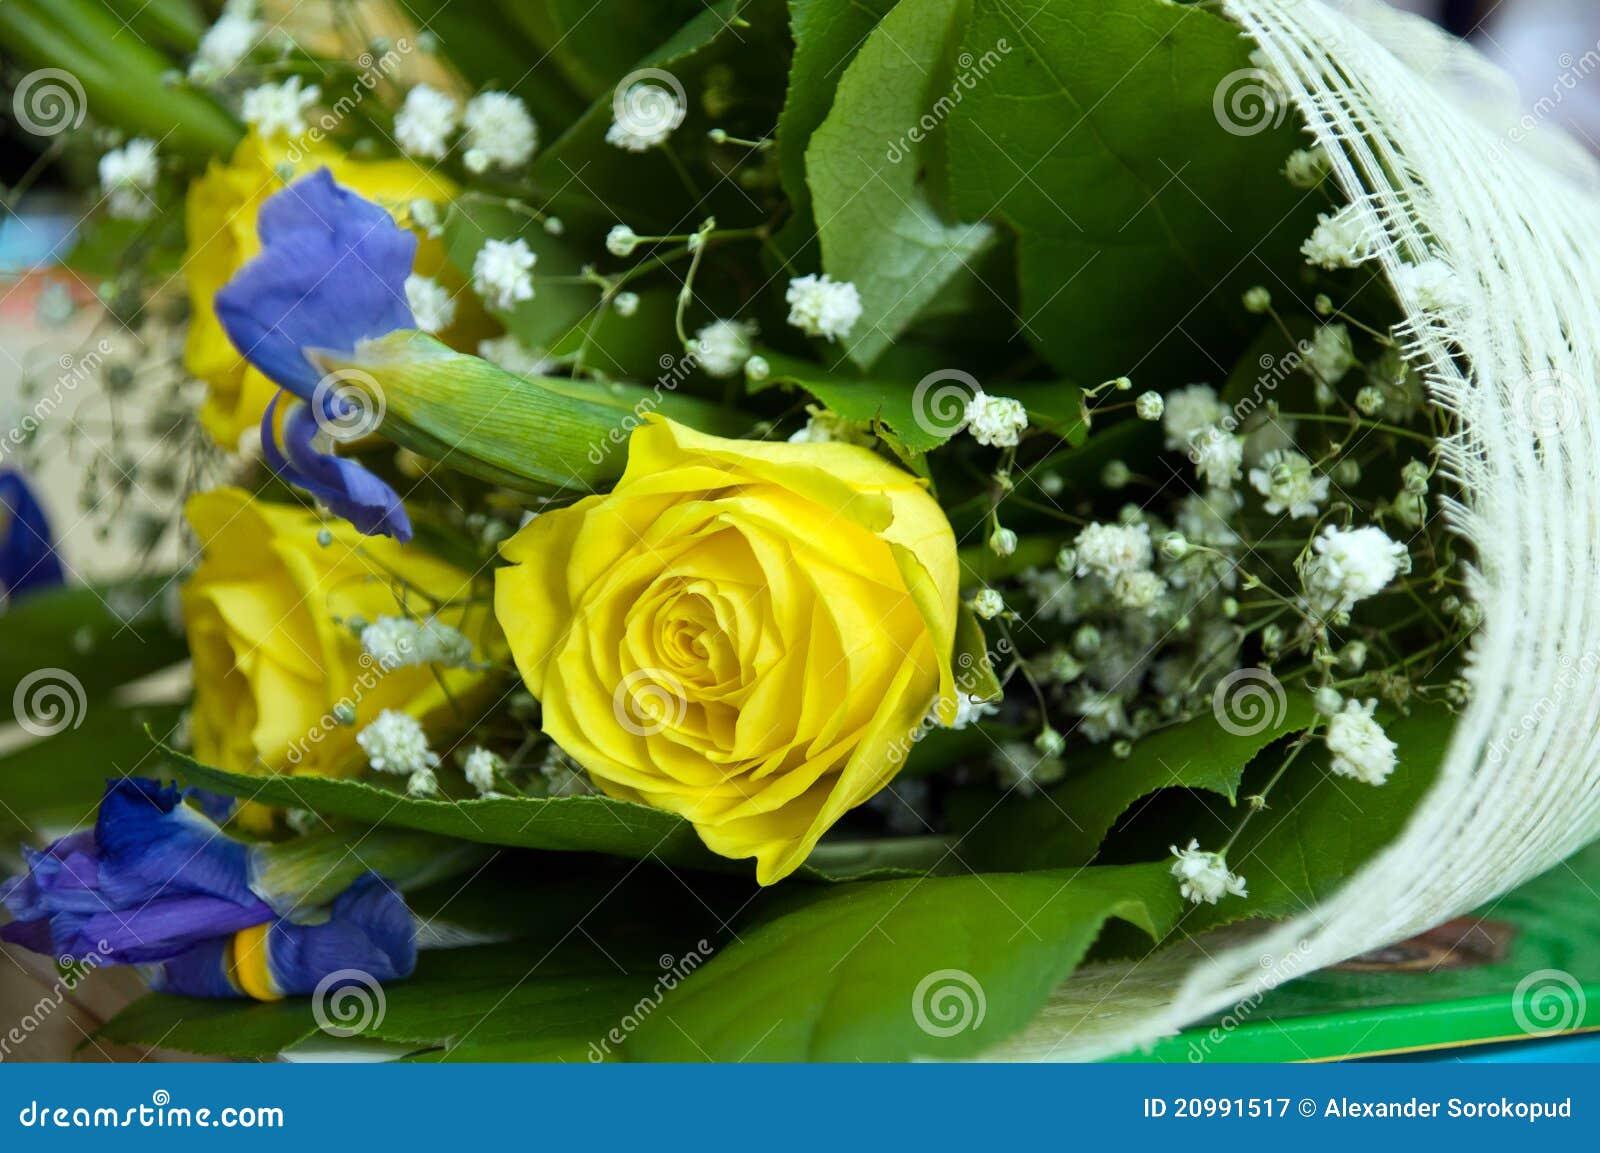 beau bouquet des fleurs photographie stock libre de droits image 20991517. Black Bedroom Furniture Sets. Home Design Ideas